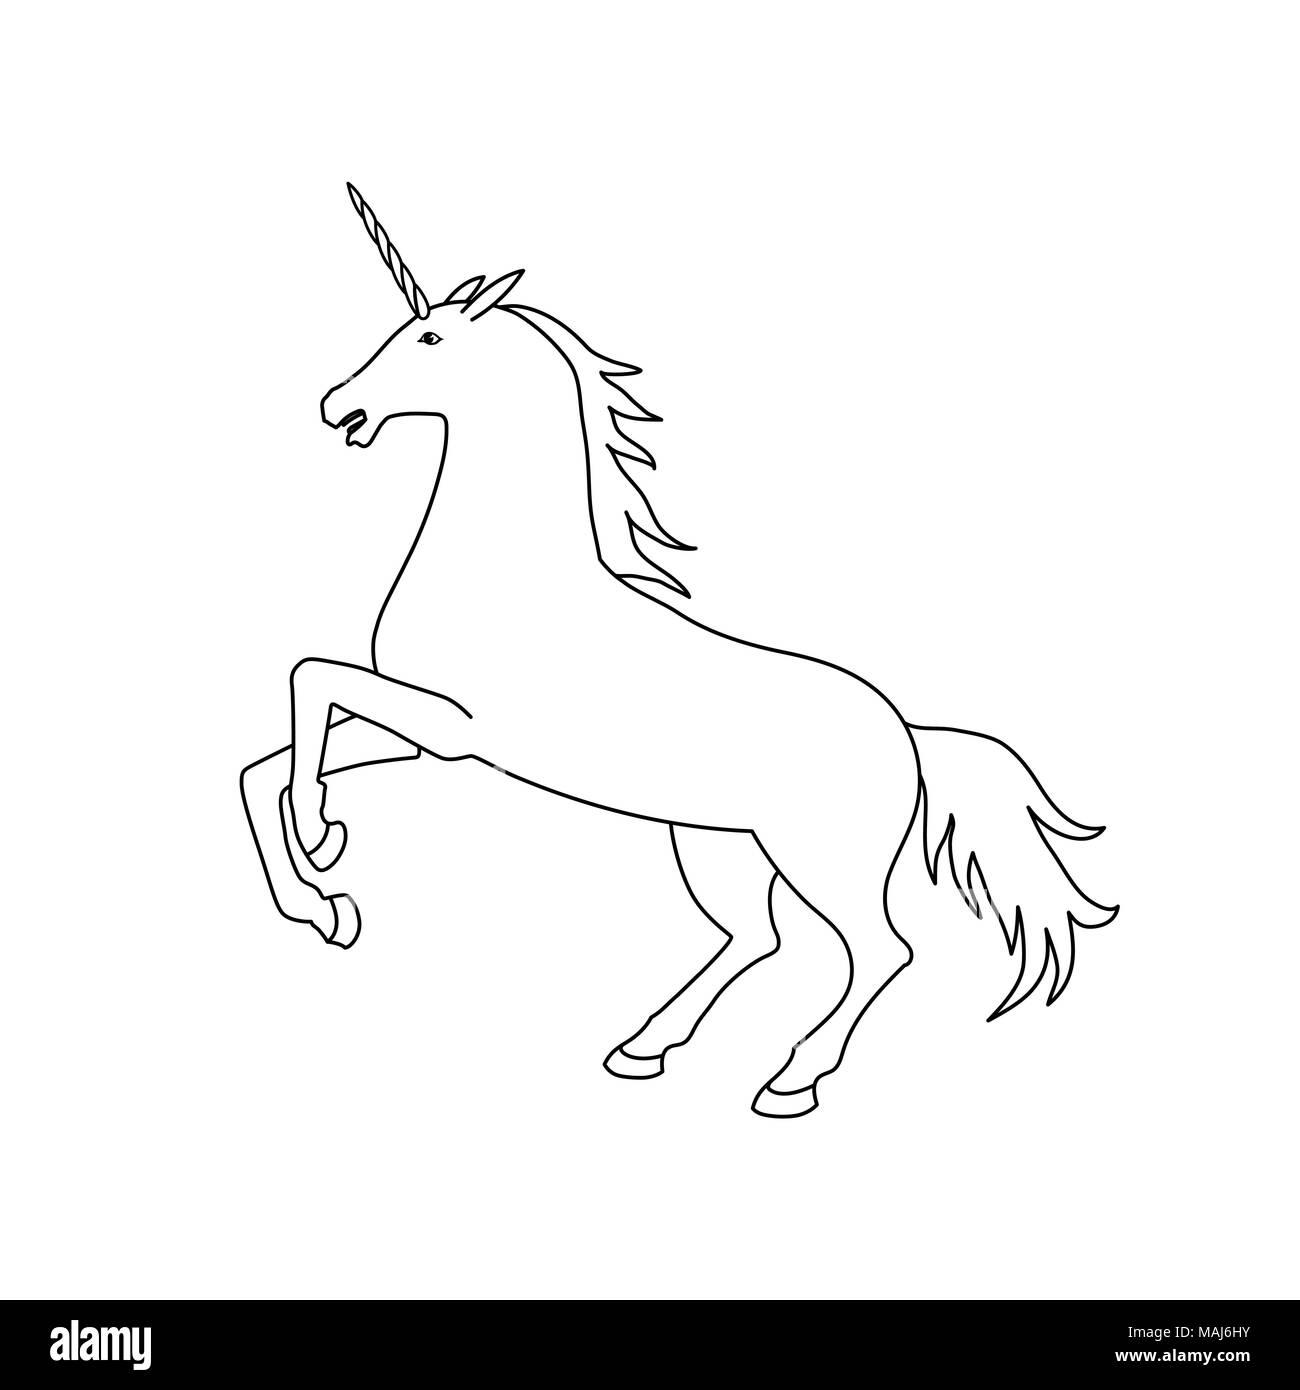 Ilustración vectorial de unicornio. Contorno Unicornio blanco y ...